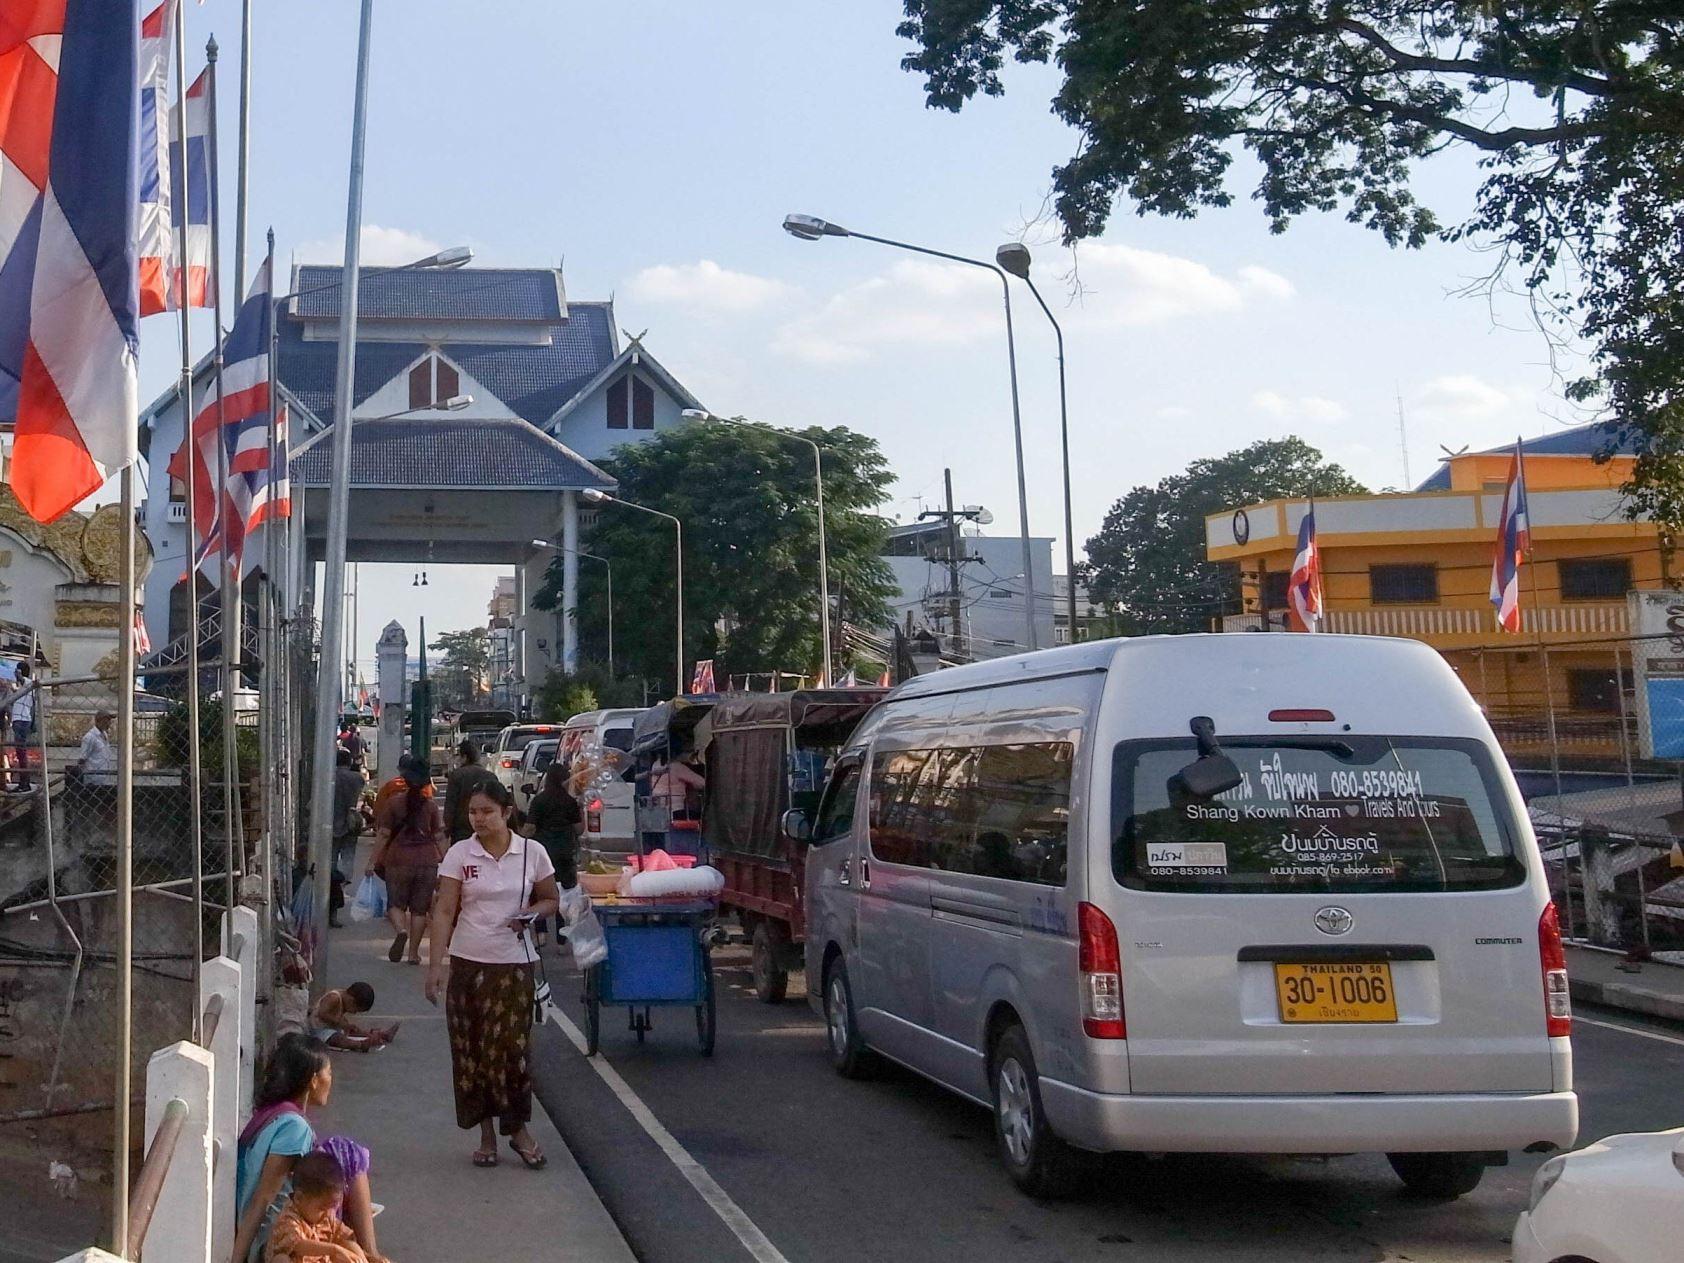 ミャンマー・タイ国境@タチレク(Myanmar Thailand border @Tachileik)